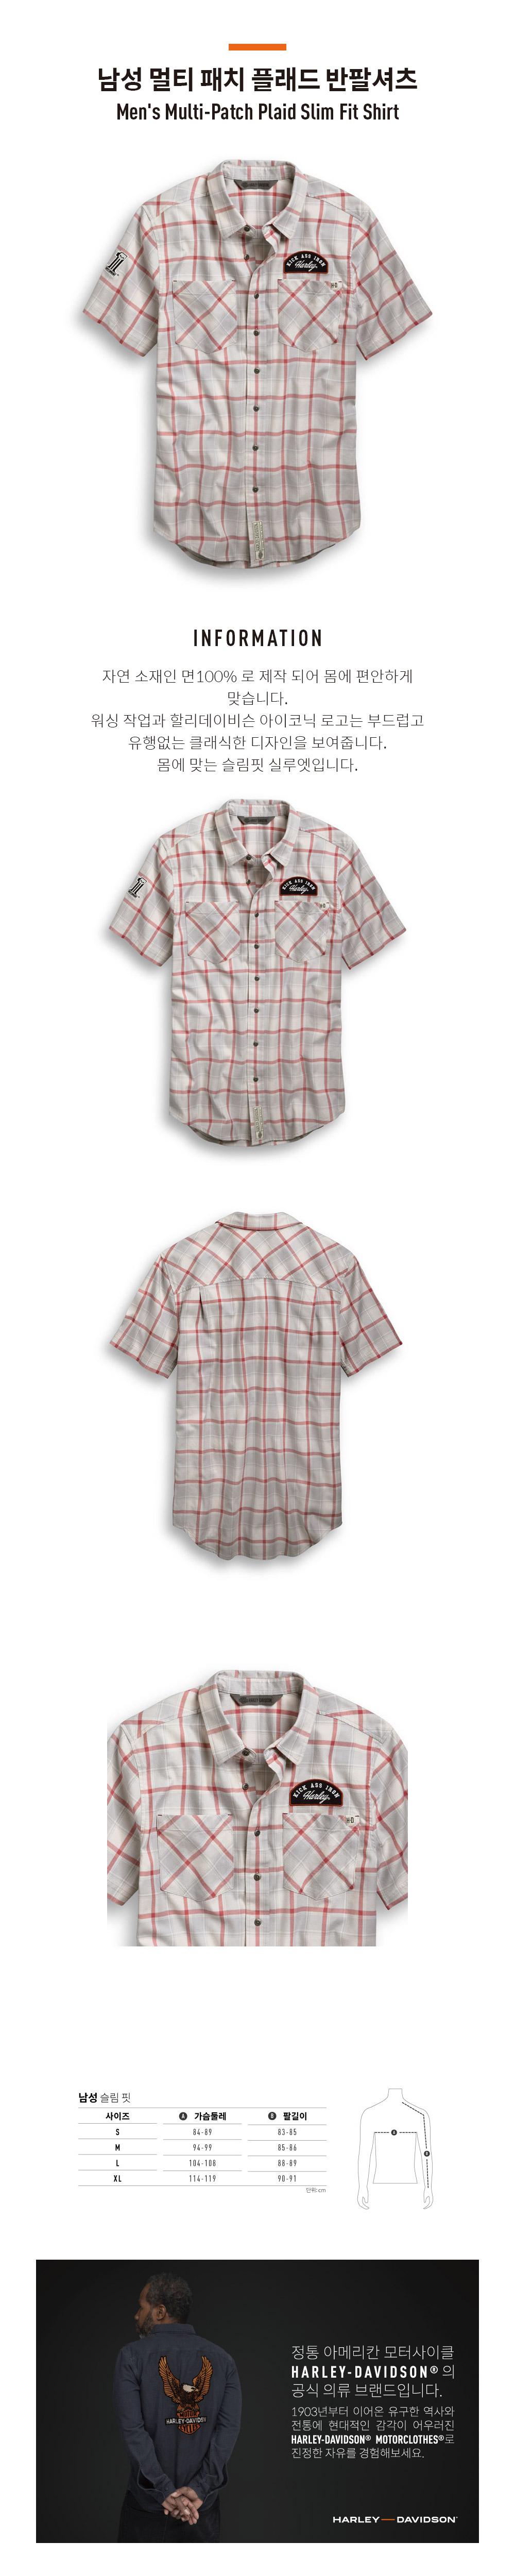 남성 멀티 패치 플래드 반팔셔츠